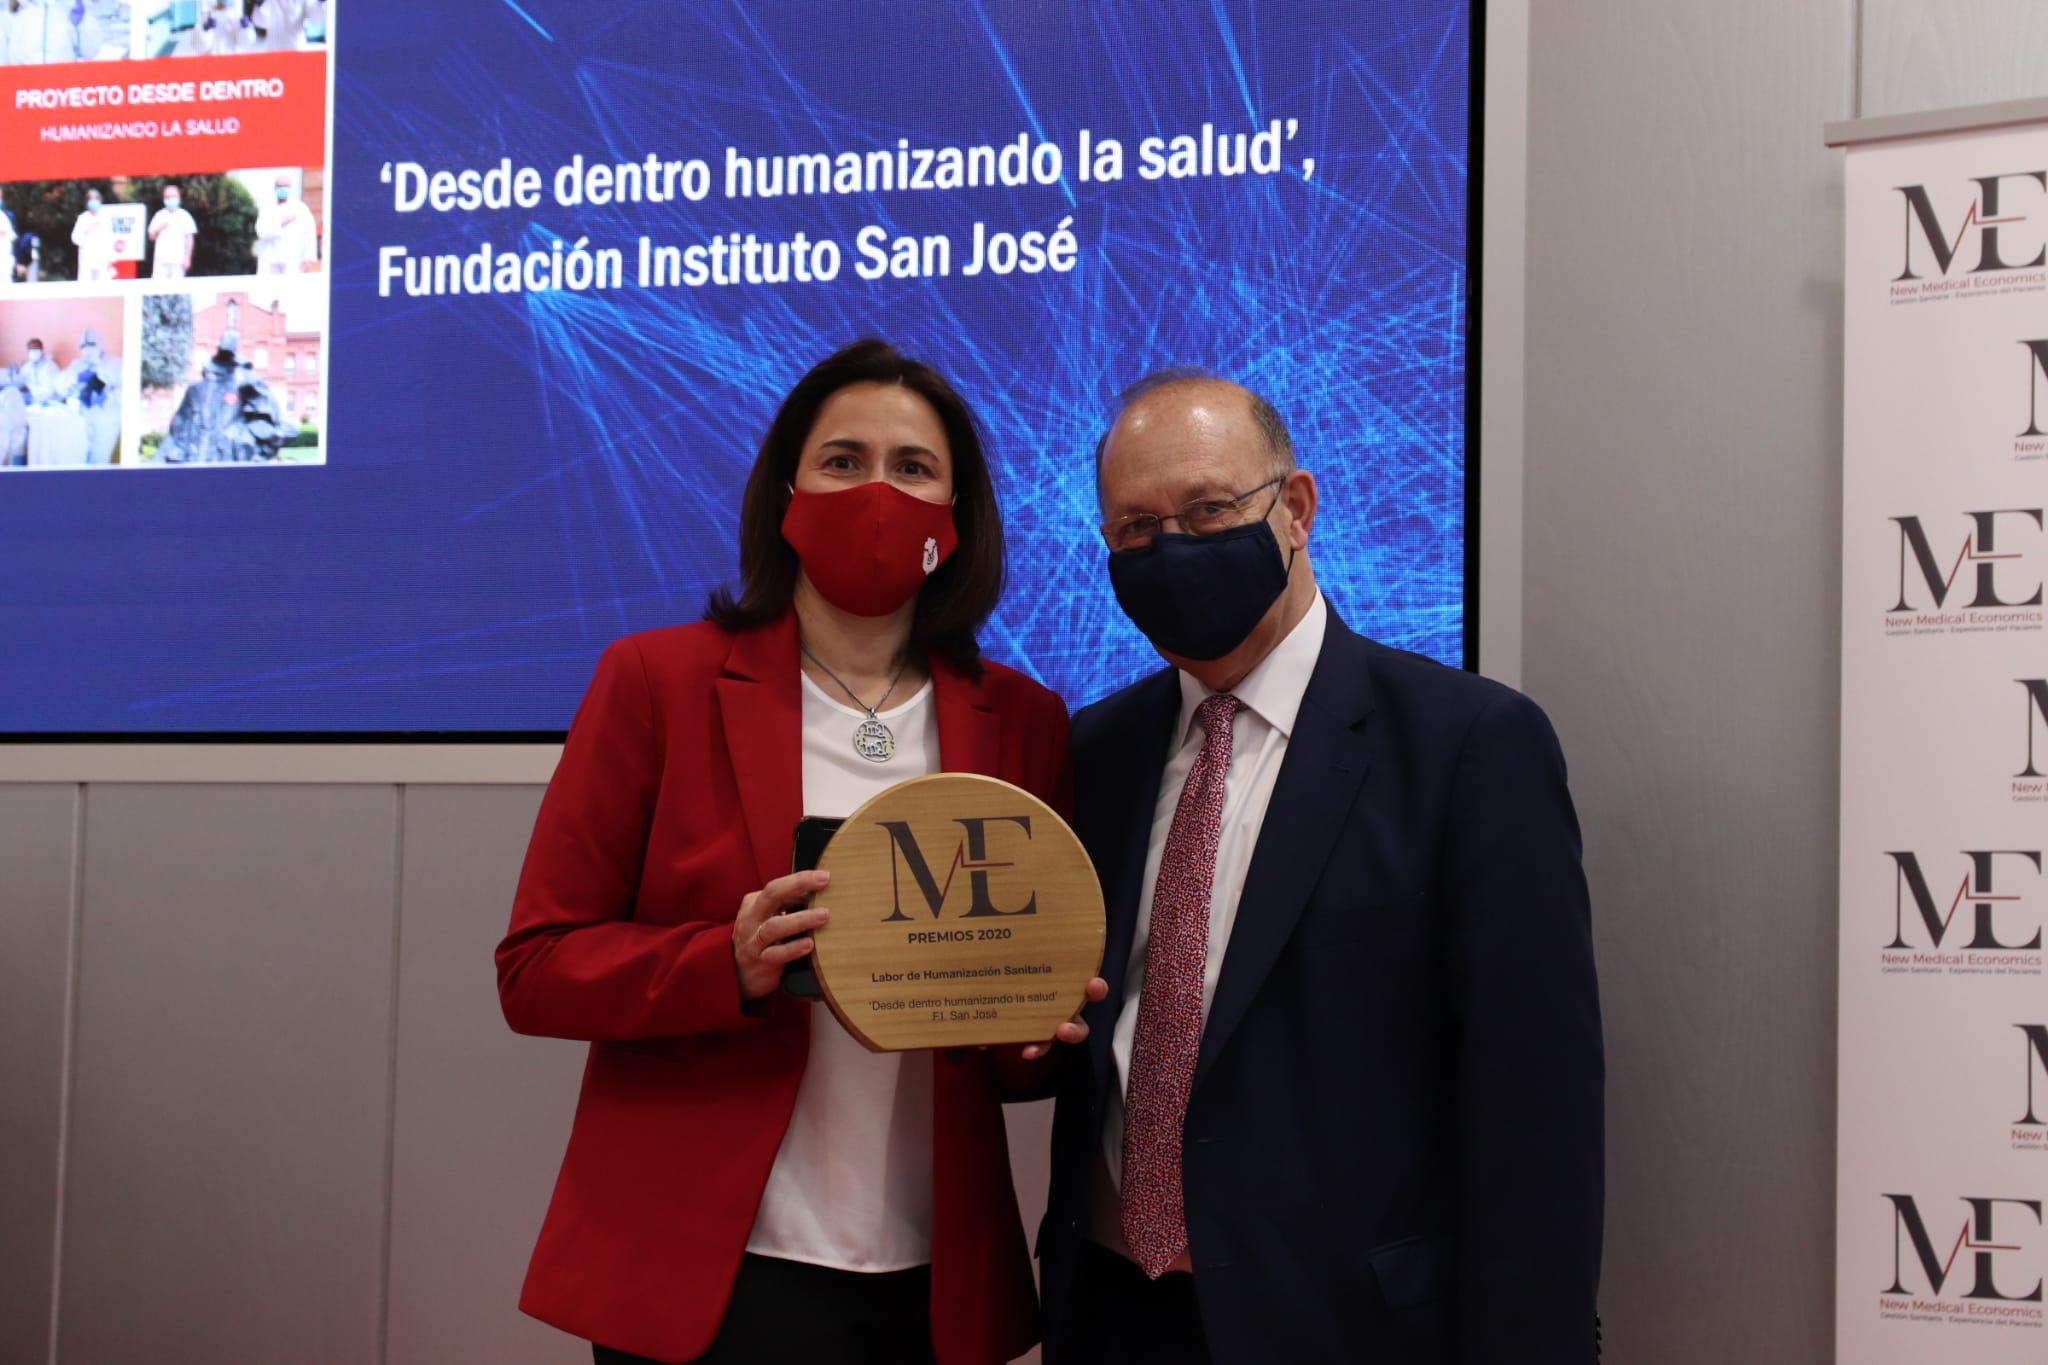 Natalia Paz recoge de manos de José María Martínez el premio NME 2020